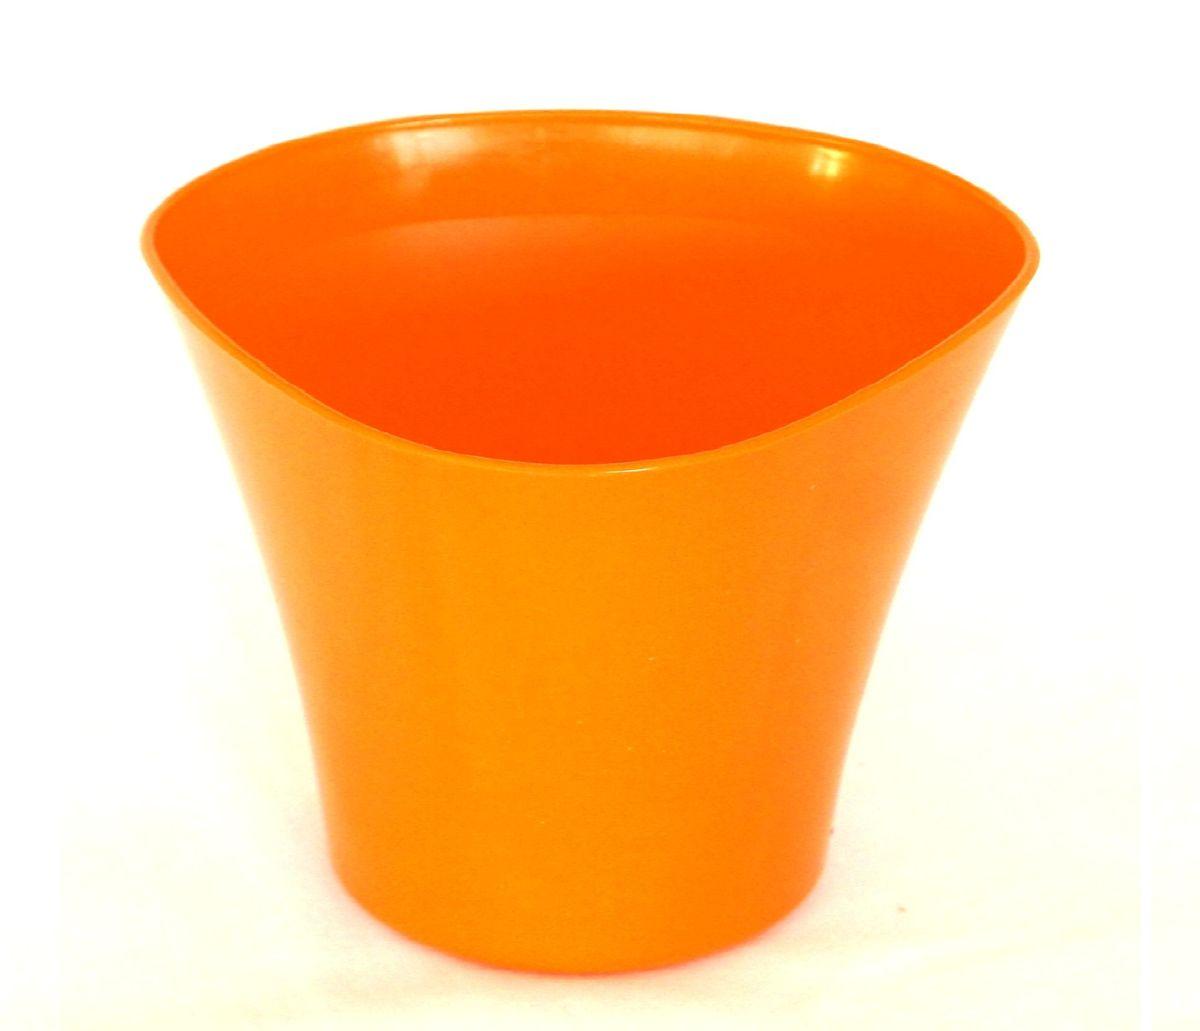 """Кашпо """"Волна"""" имеет уникальную форму, сочетающуюся как с классическим, так и с современным дизайном интерьера. Оно изготовлено из прочного полипропилена (пластика) и предназначено для выращивания растений, цветов и трав в домашних условиях. Такое кашпо порадует вас функциональностью, а благодаря лаконичному дизайну впишется в любой интерьер помещения. Объем кашпо: 600 мл."""